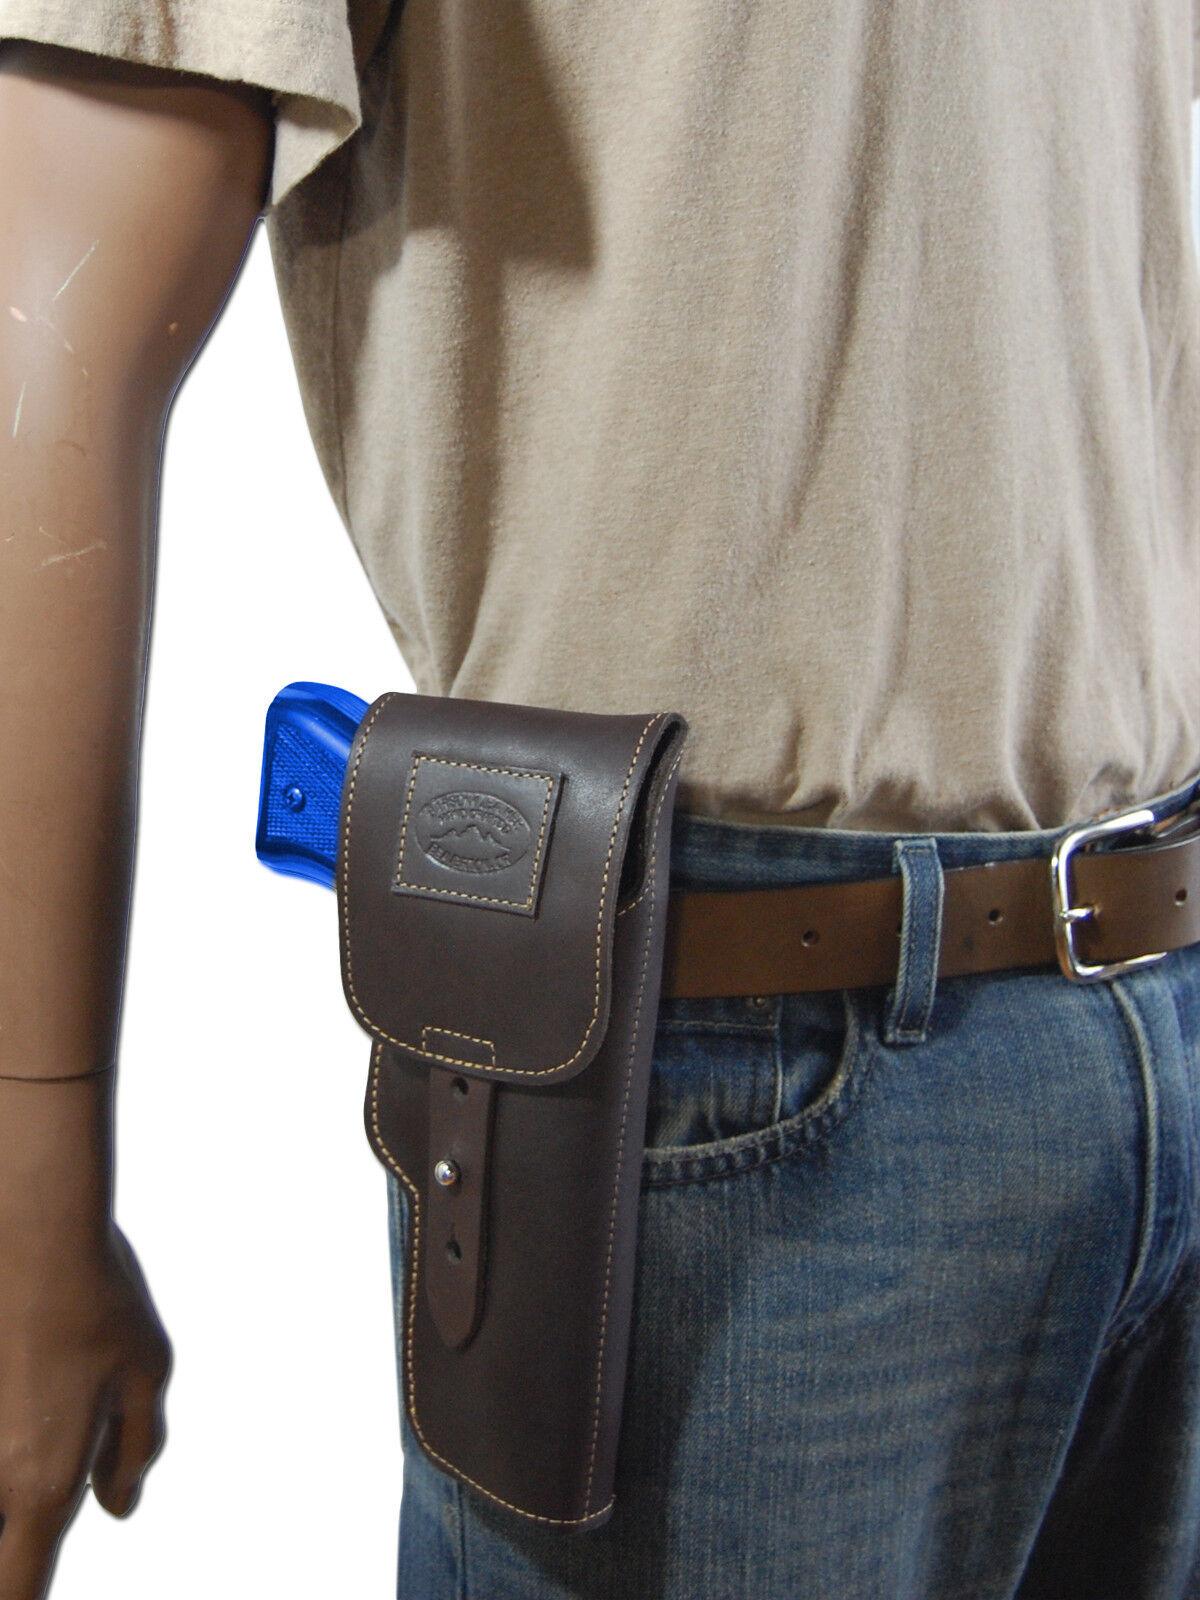 Nuevo barsony Marrón De Cuero Con Solapa Funda Pistola Pistola Pistola Para Fn Glock Hk de tamaño completo de 9 mm 40 45 de69b6